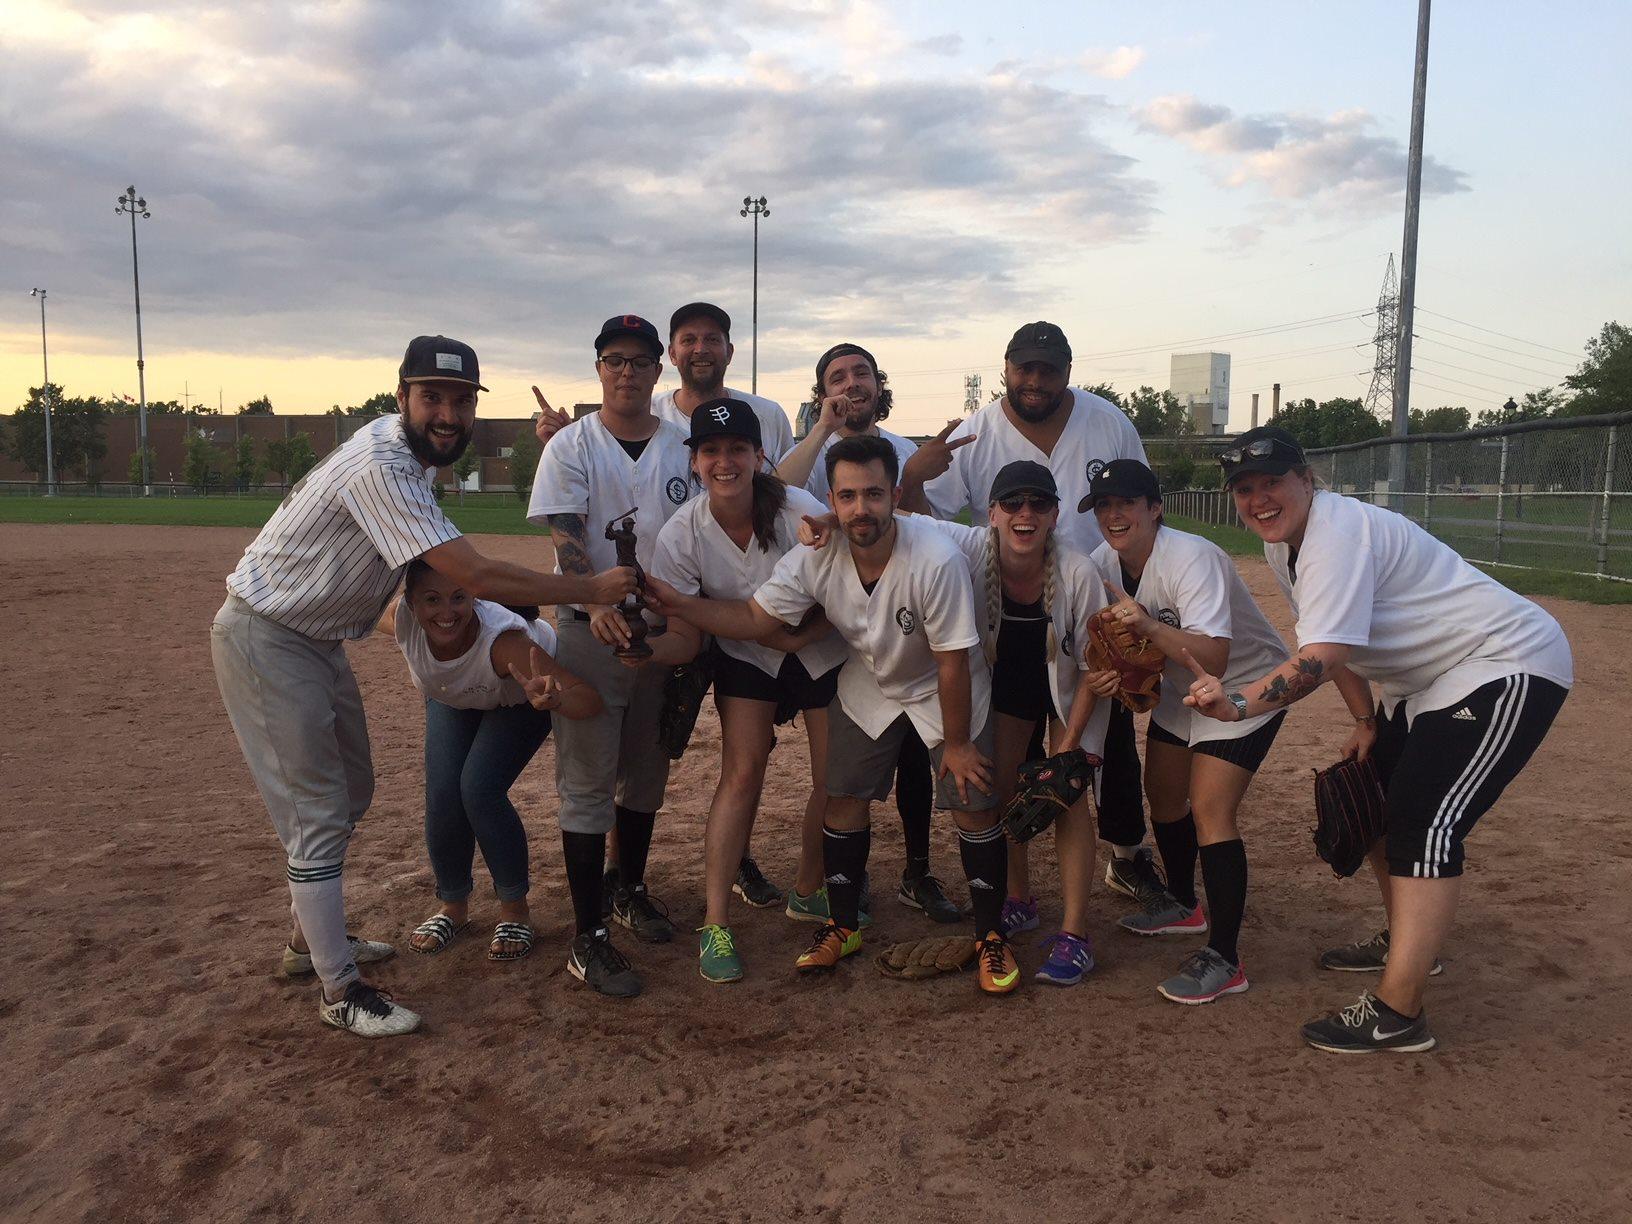 L'équipe gagnante de Sid Lee, gagnante du tournoi de balle-molle 2018